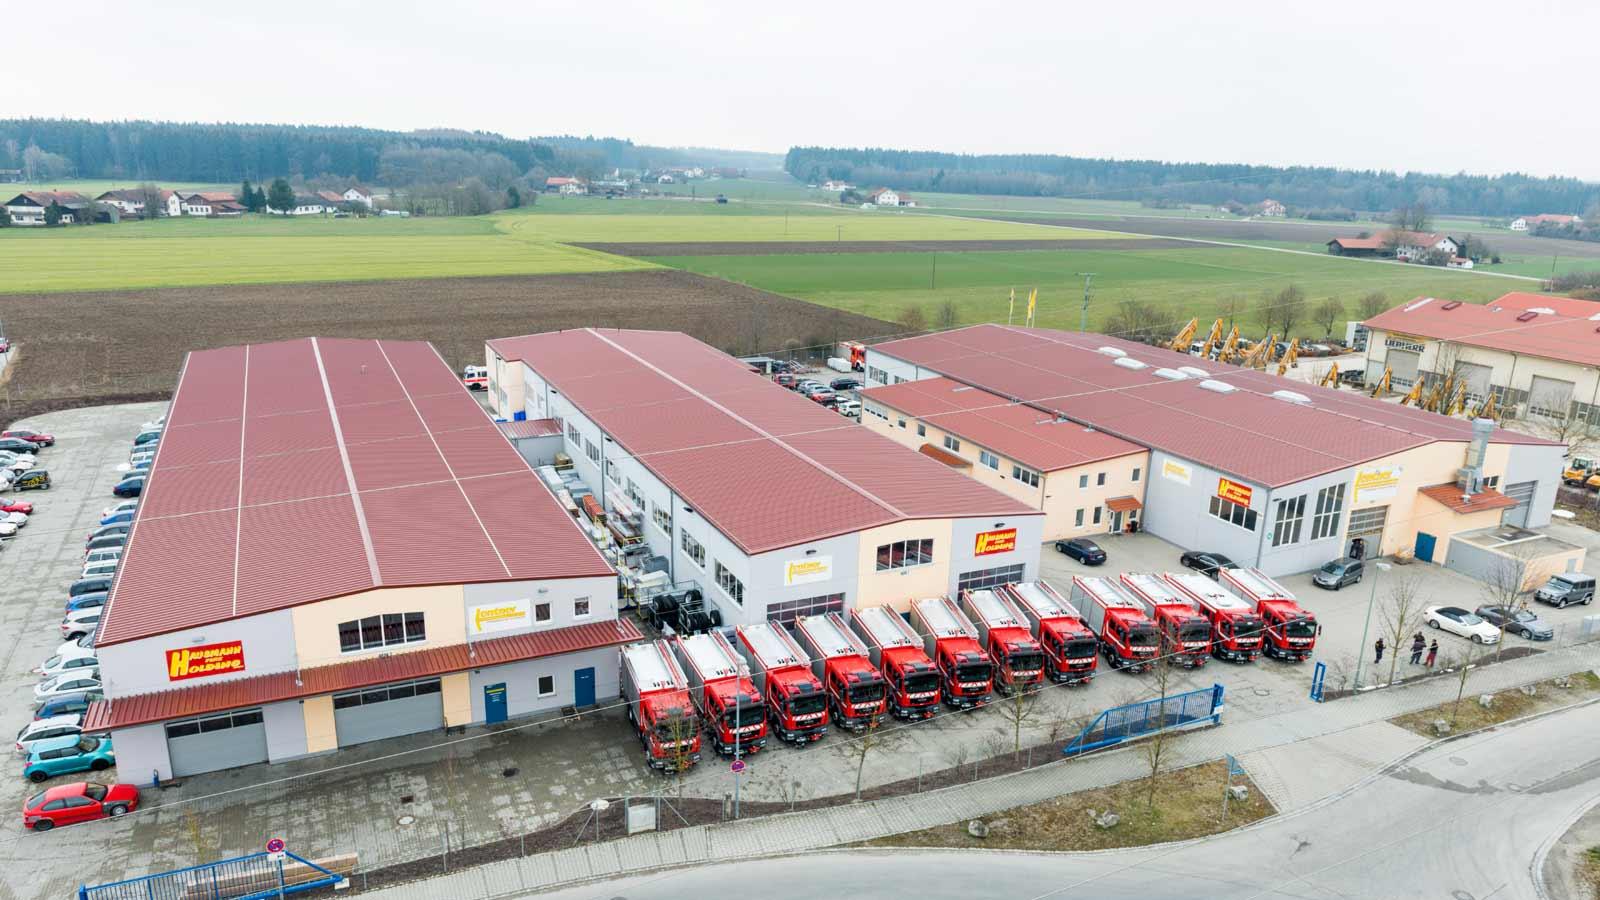 Lentner-Werkgelaende-mit-China-Fahrzeugen.jpg